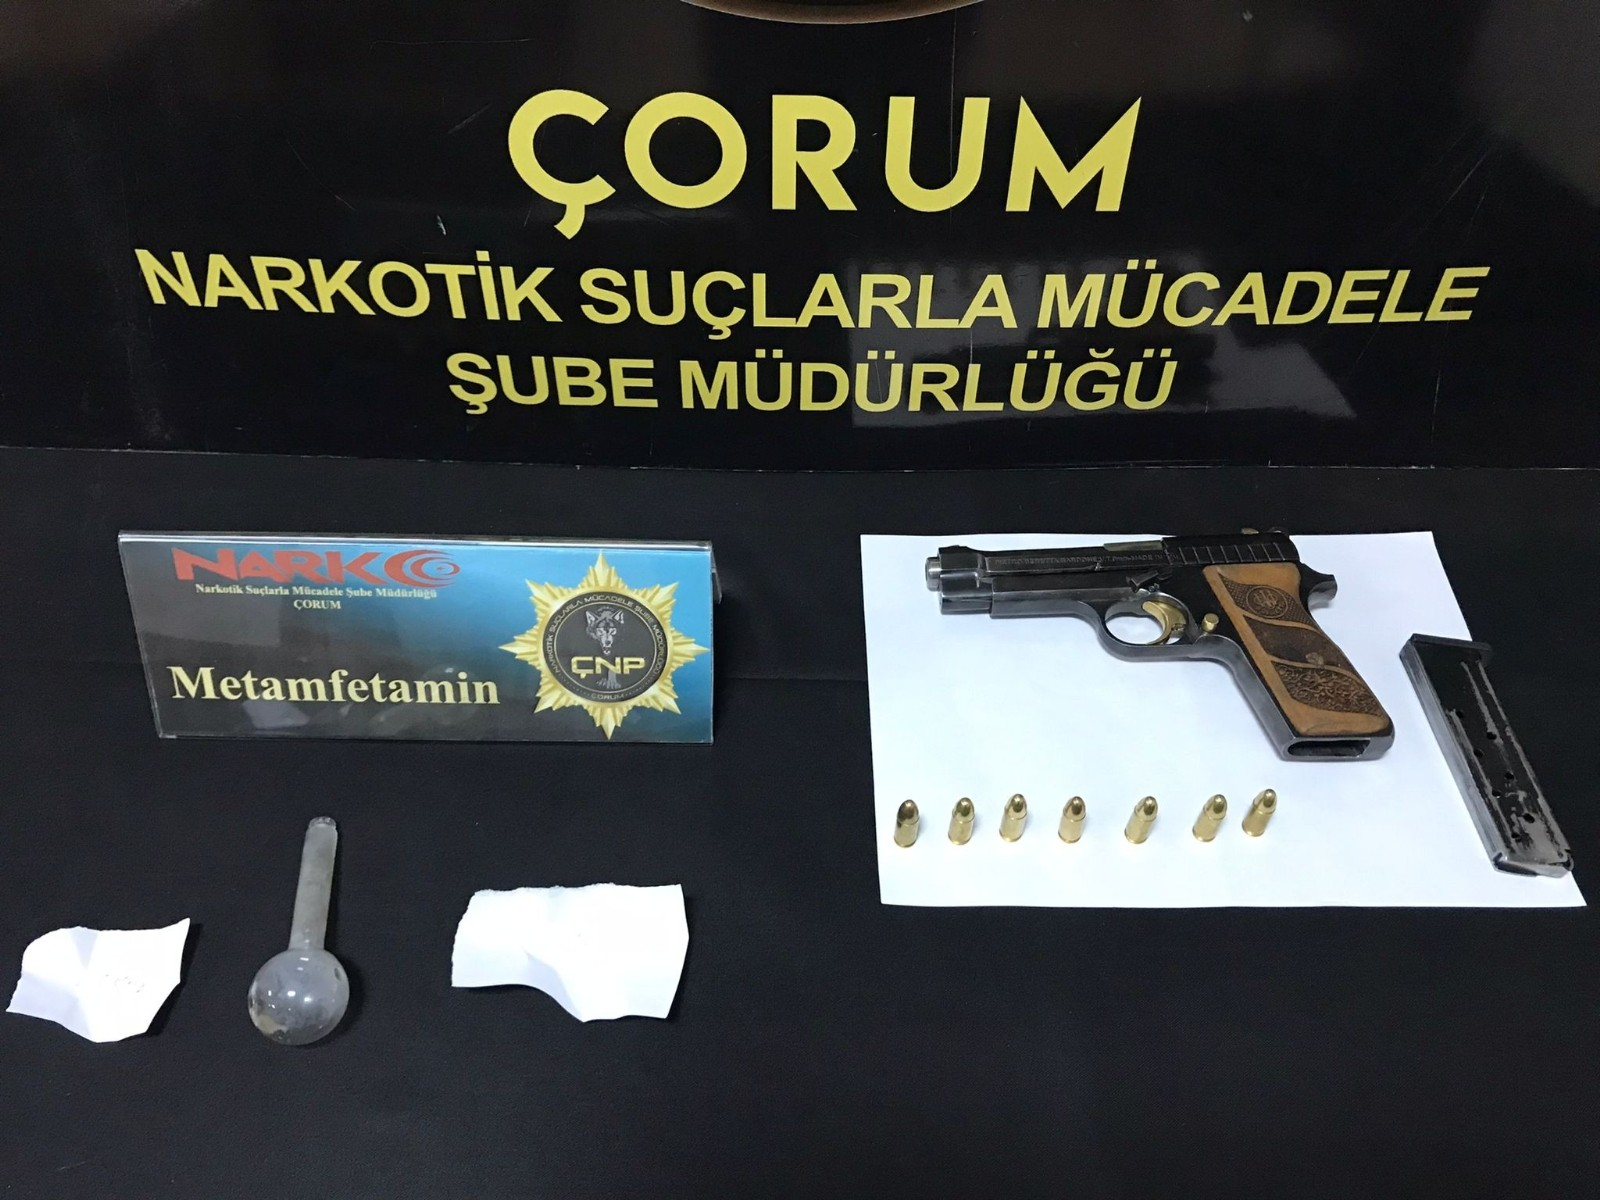 Çorum polisinden uyuşturucu operasyonu #corum